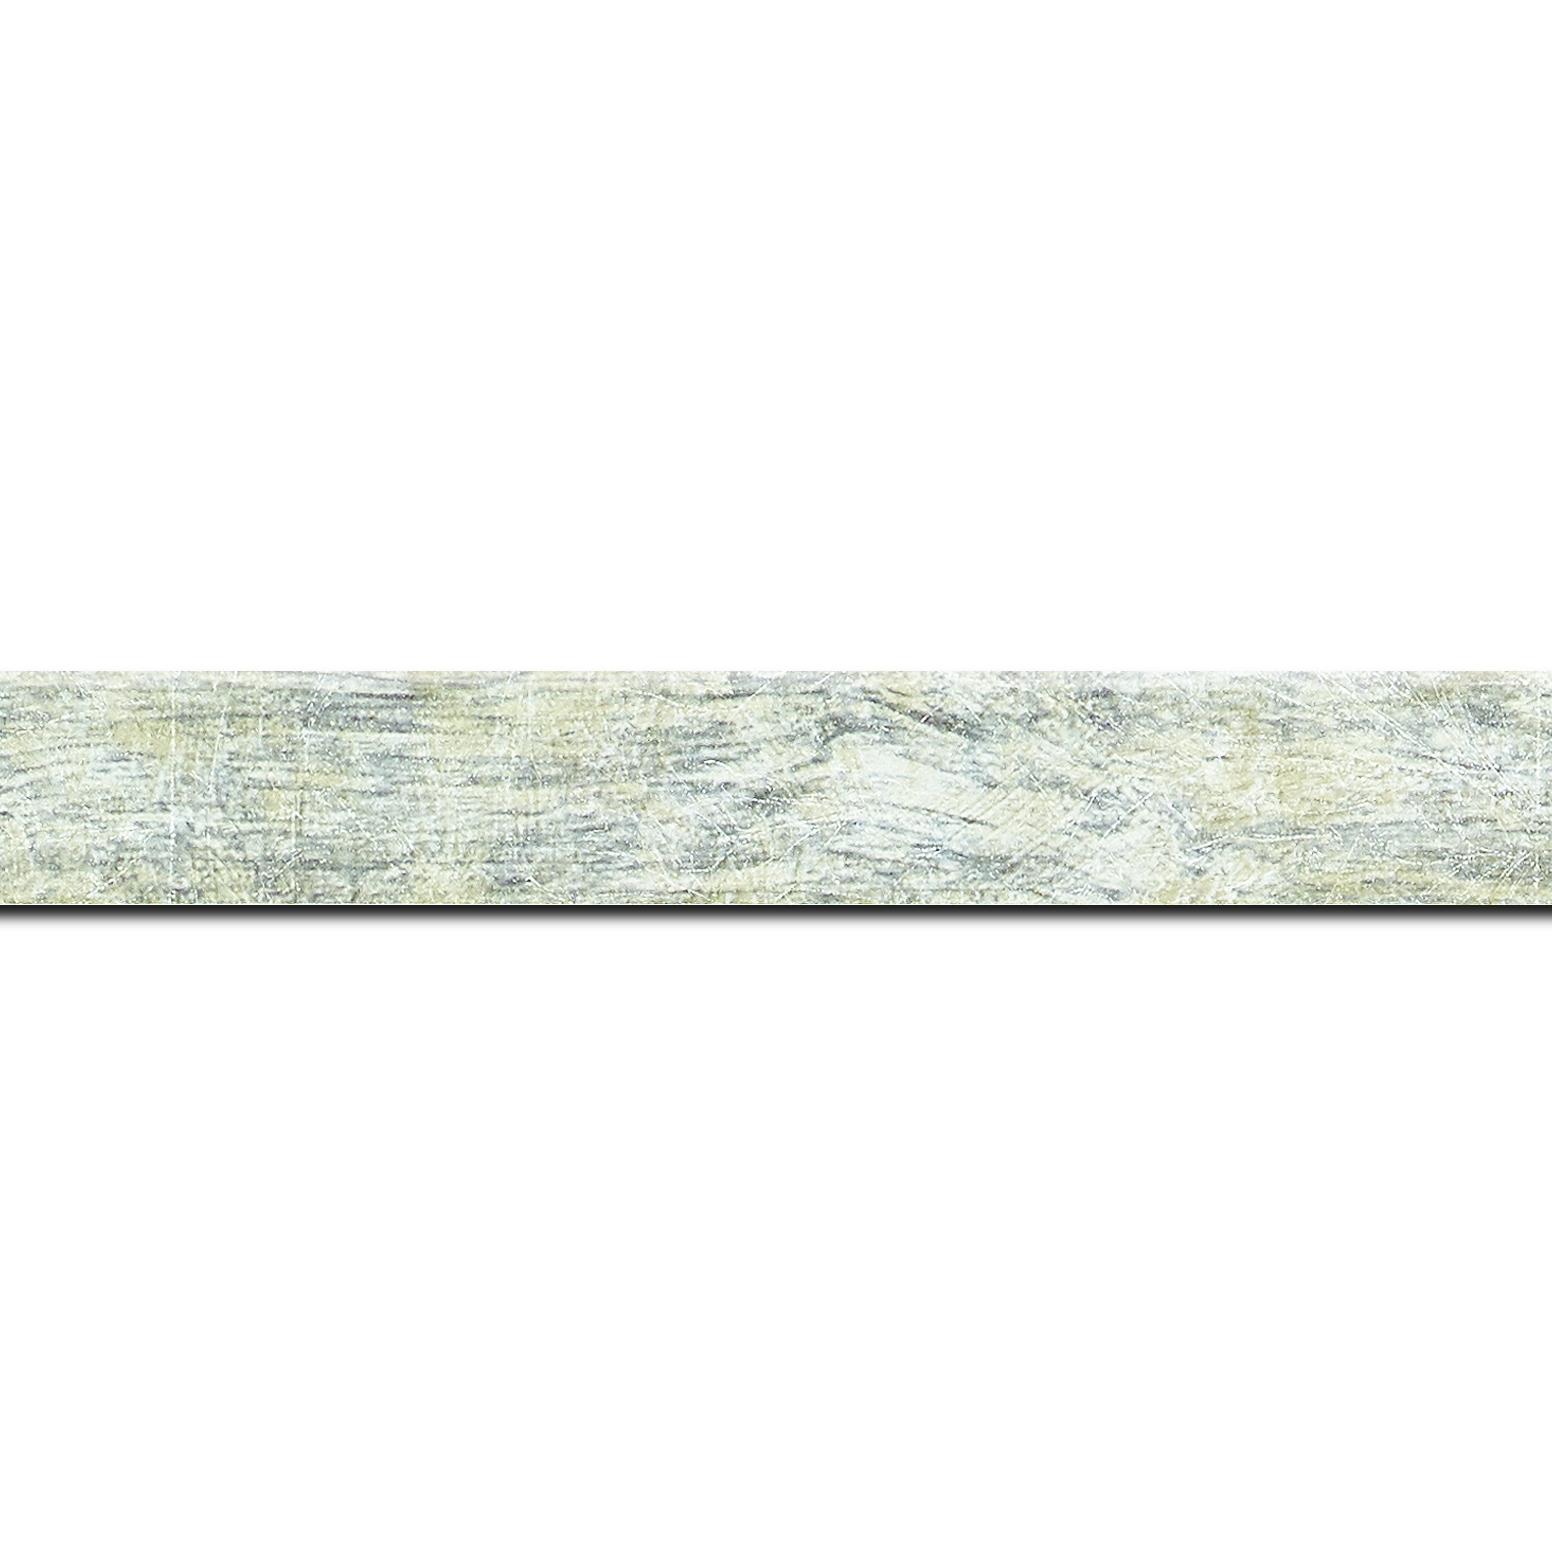 Pack par 12m, bois profil plat largeur 2.5cm hauteur 4.8cm argent effet marbré (hauteur feuillure 4.3cm )(longueur baguette pouvant varier entre 2.40m et 3m selon arrivage des bois)